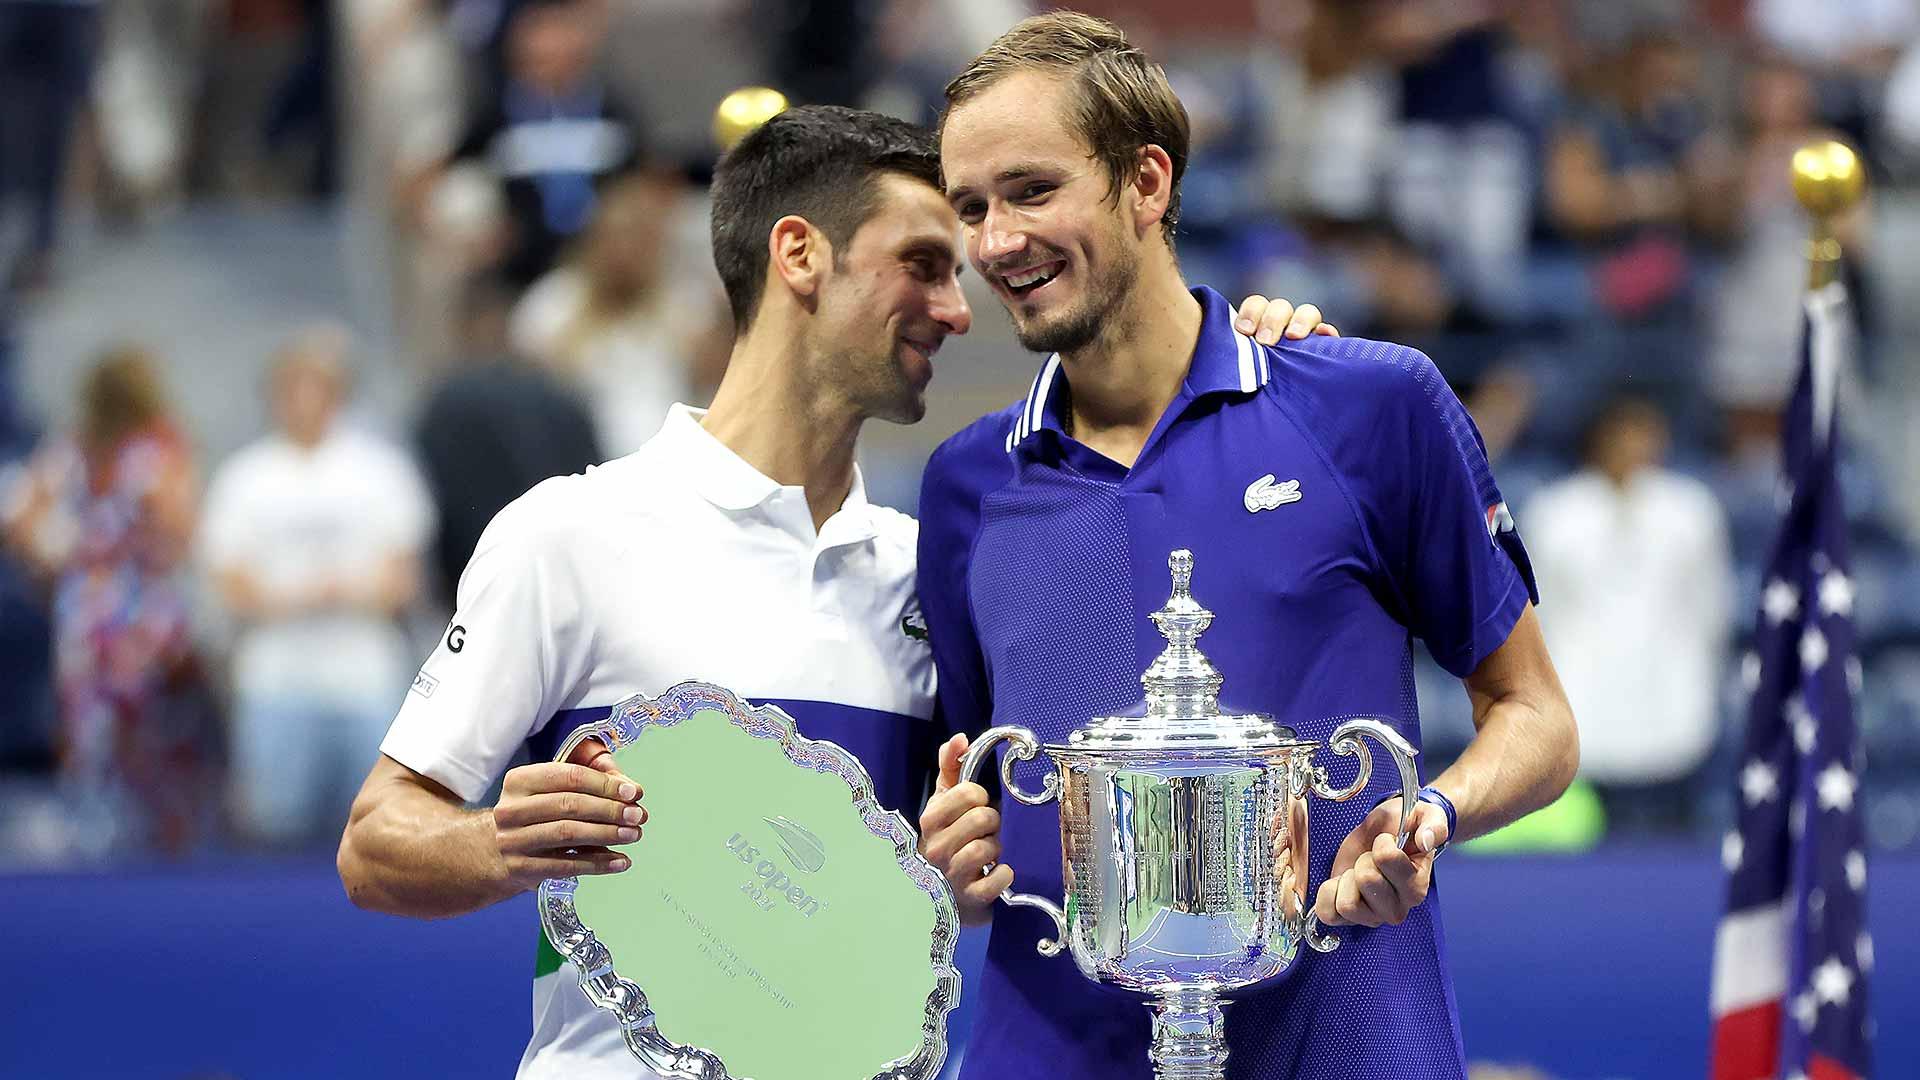 El ruso Daniil Medvedev deja a Djokovic entre lágrimas y sin el Gran Slam tras derrotarle justamente en la final por un triple 6-4